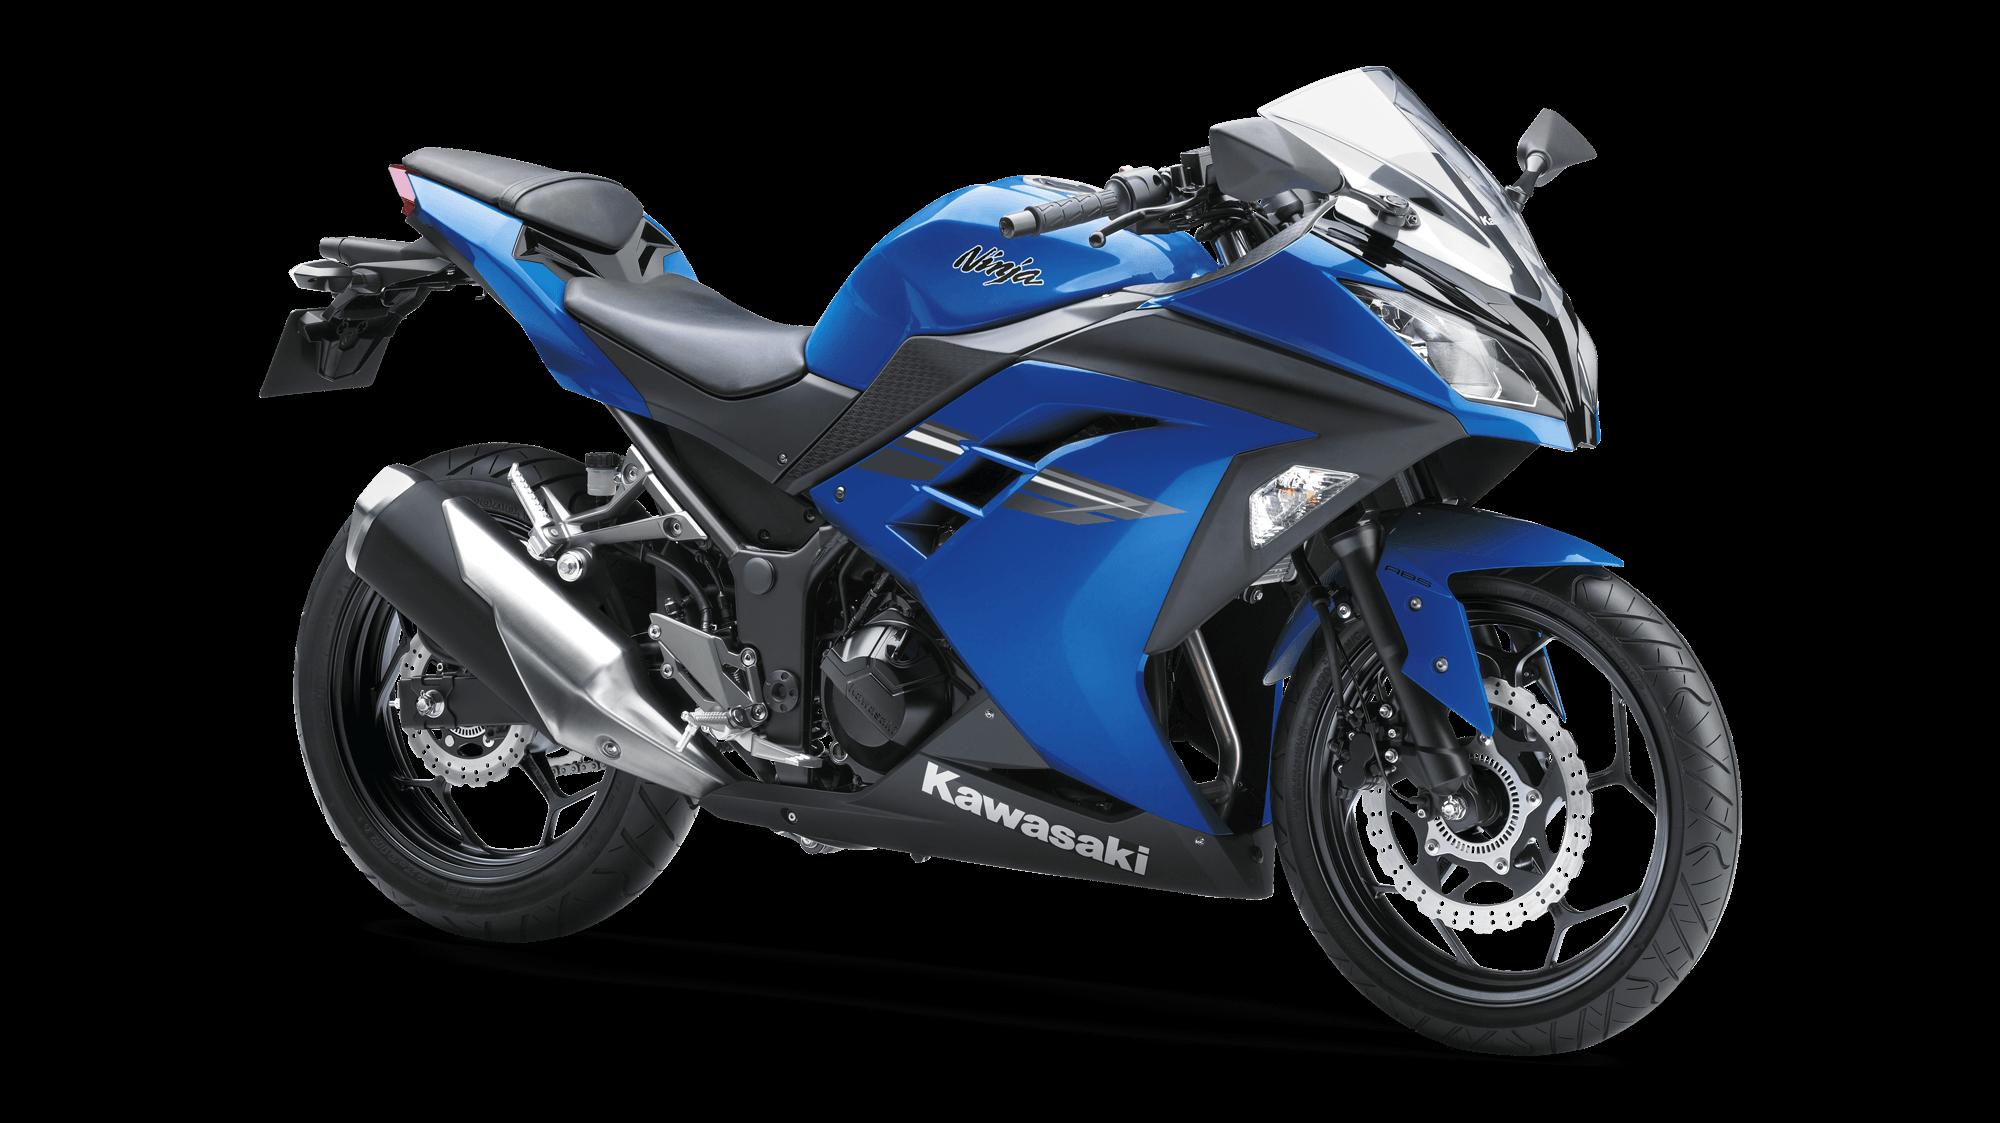 Kawasaki ninja motorbike photo